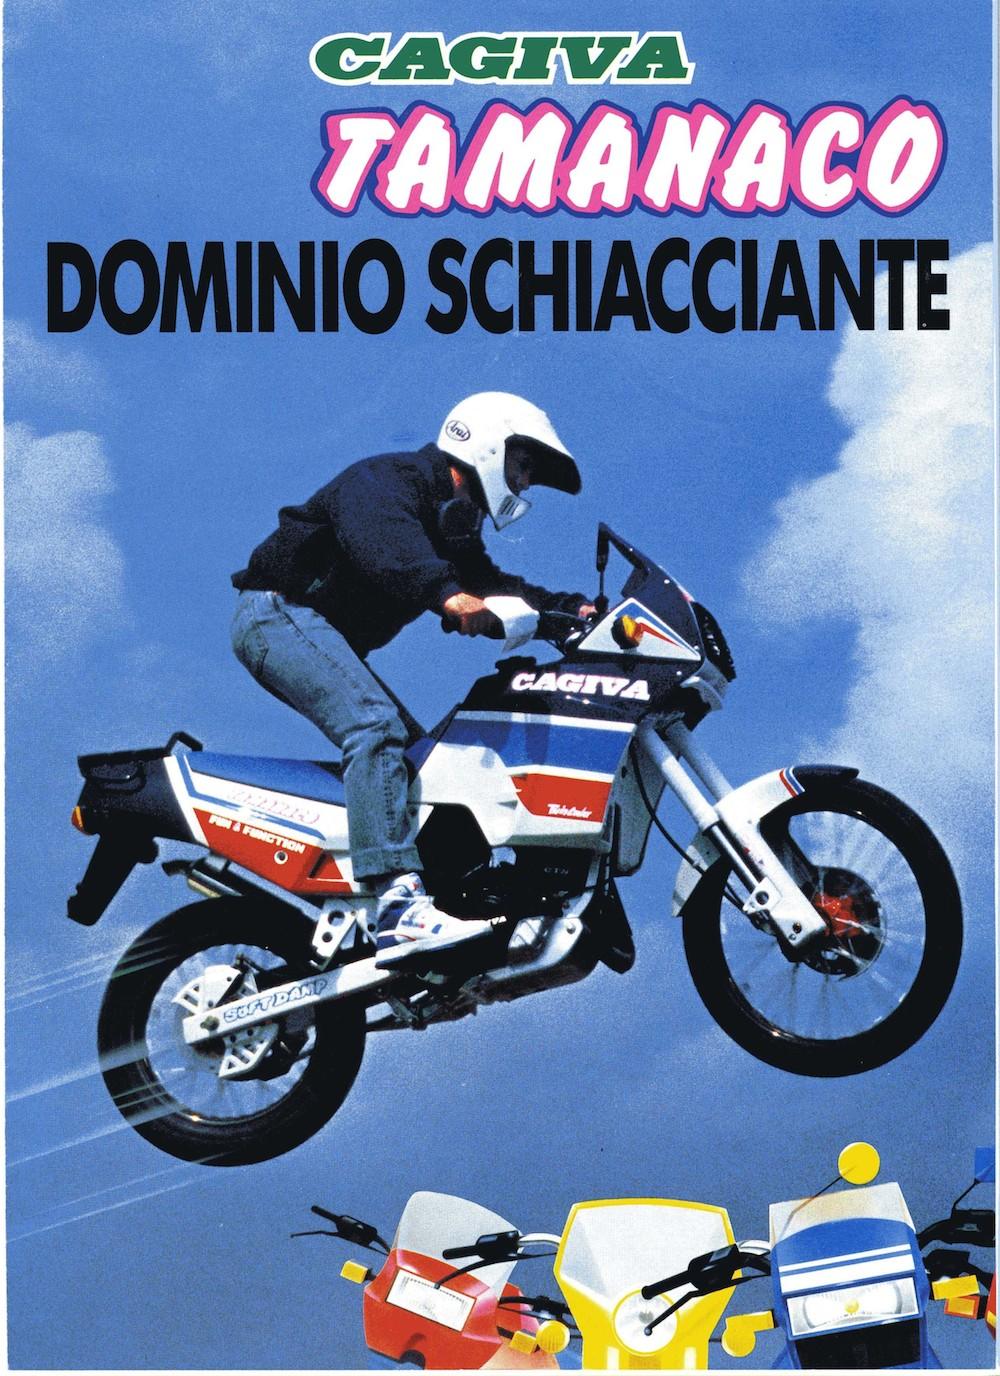 Cagiva Tamanaco 88_brochure